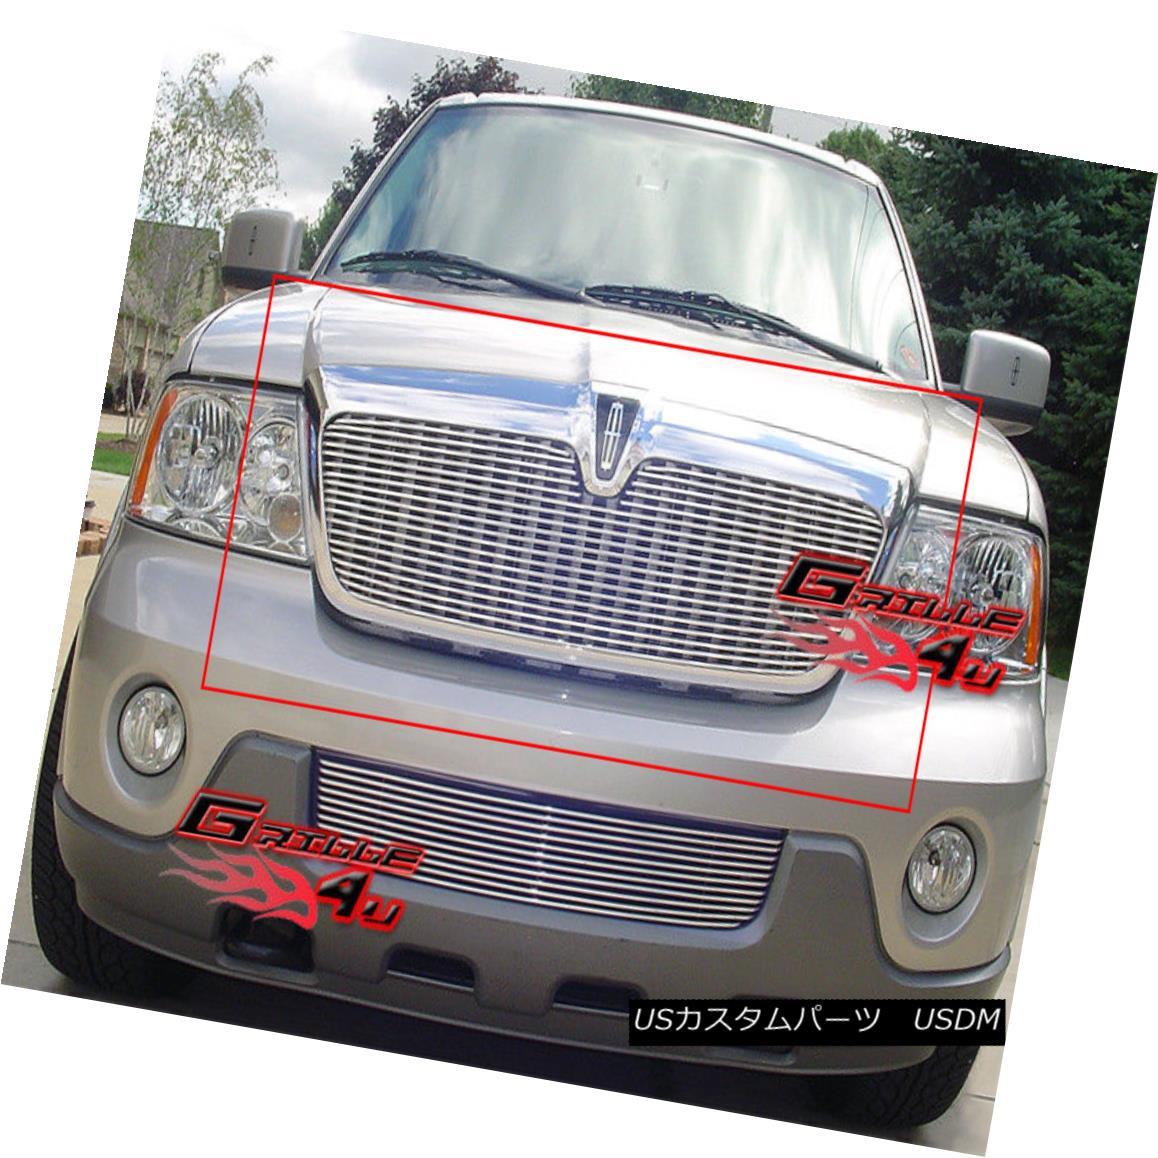 グリル Fits 2003-2006 Lincoln Navigator Main Upper Billet Grille Insert フィット2003-2006リンカーンナビゲーターメインアッパービレットグリルインサート